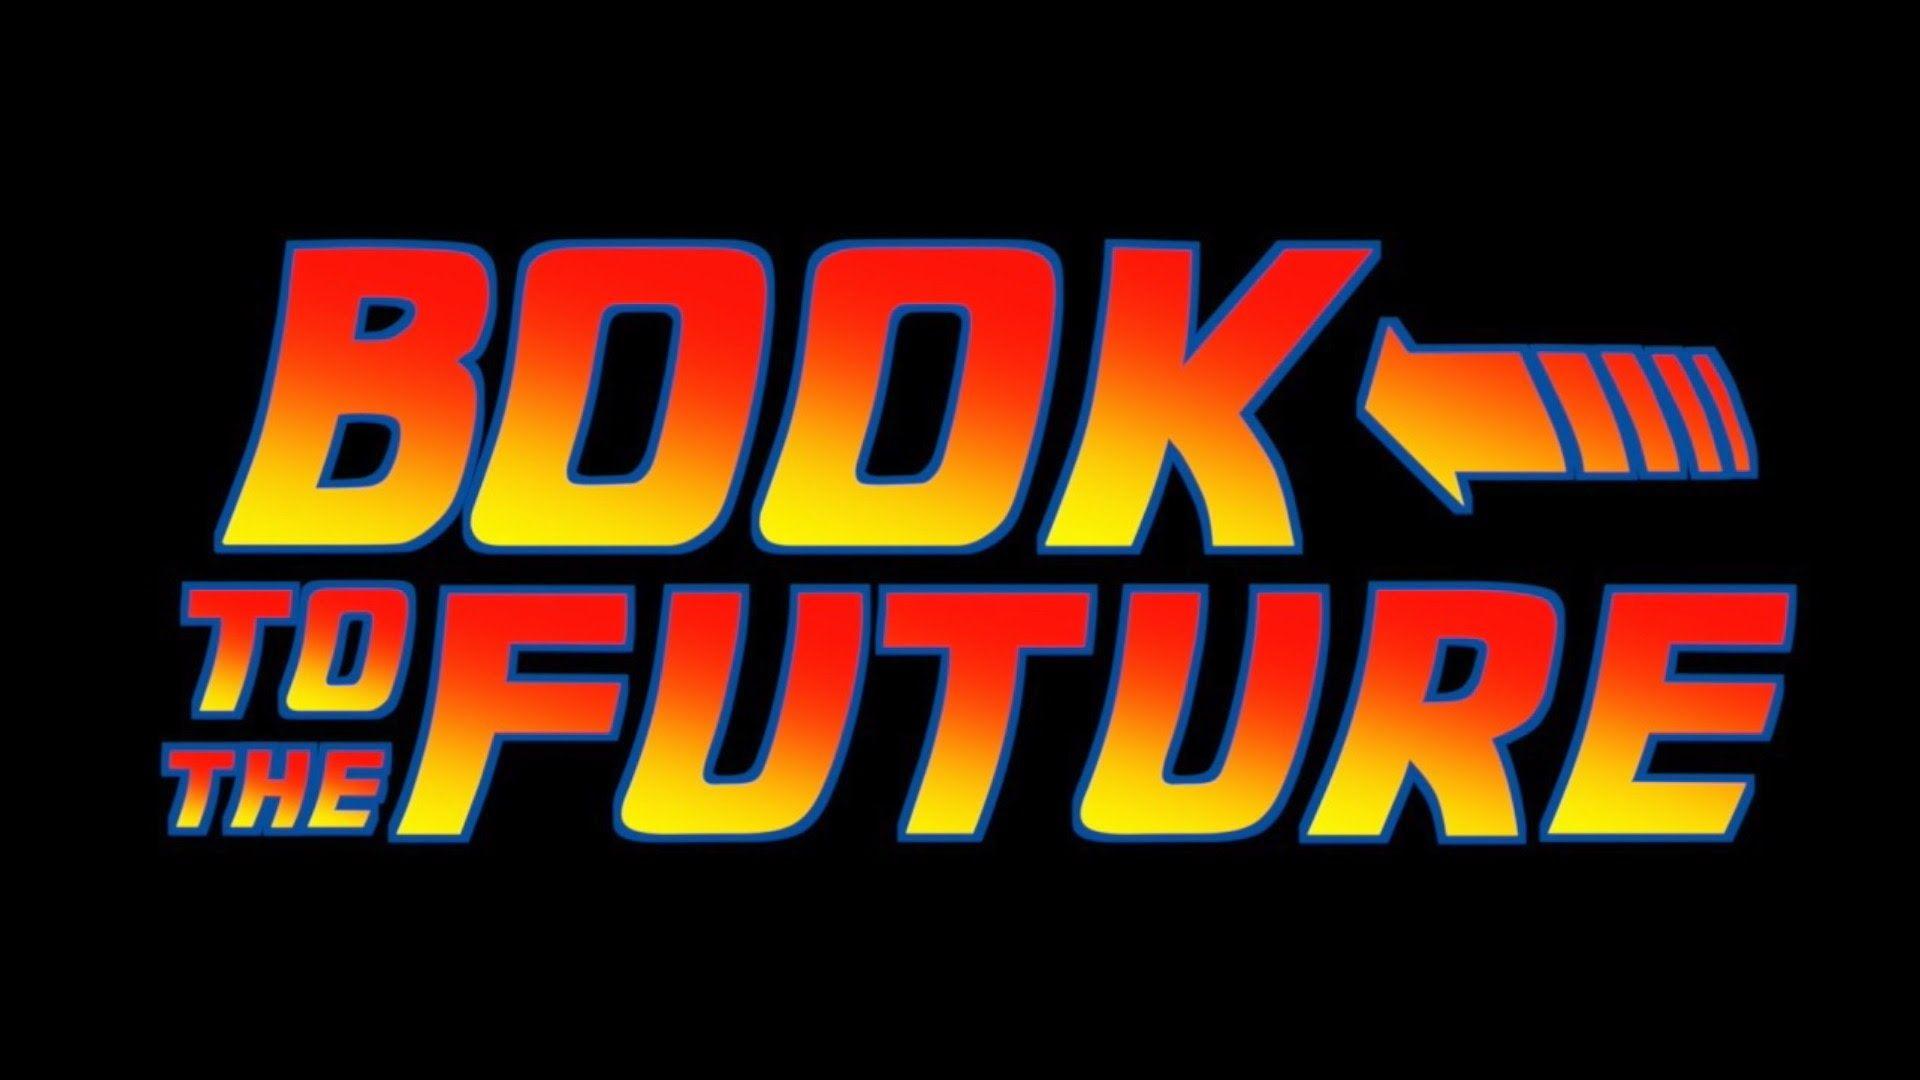 #salto13 sguardi sul futuro dell'editoria digitale